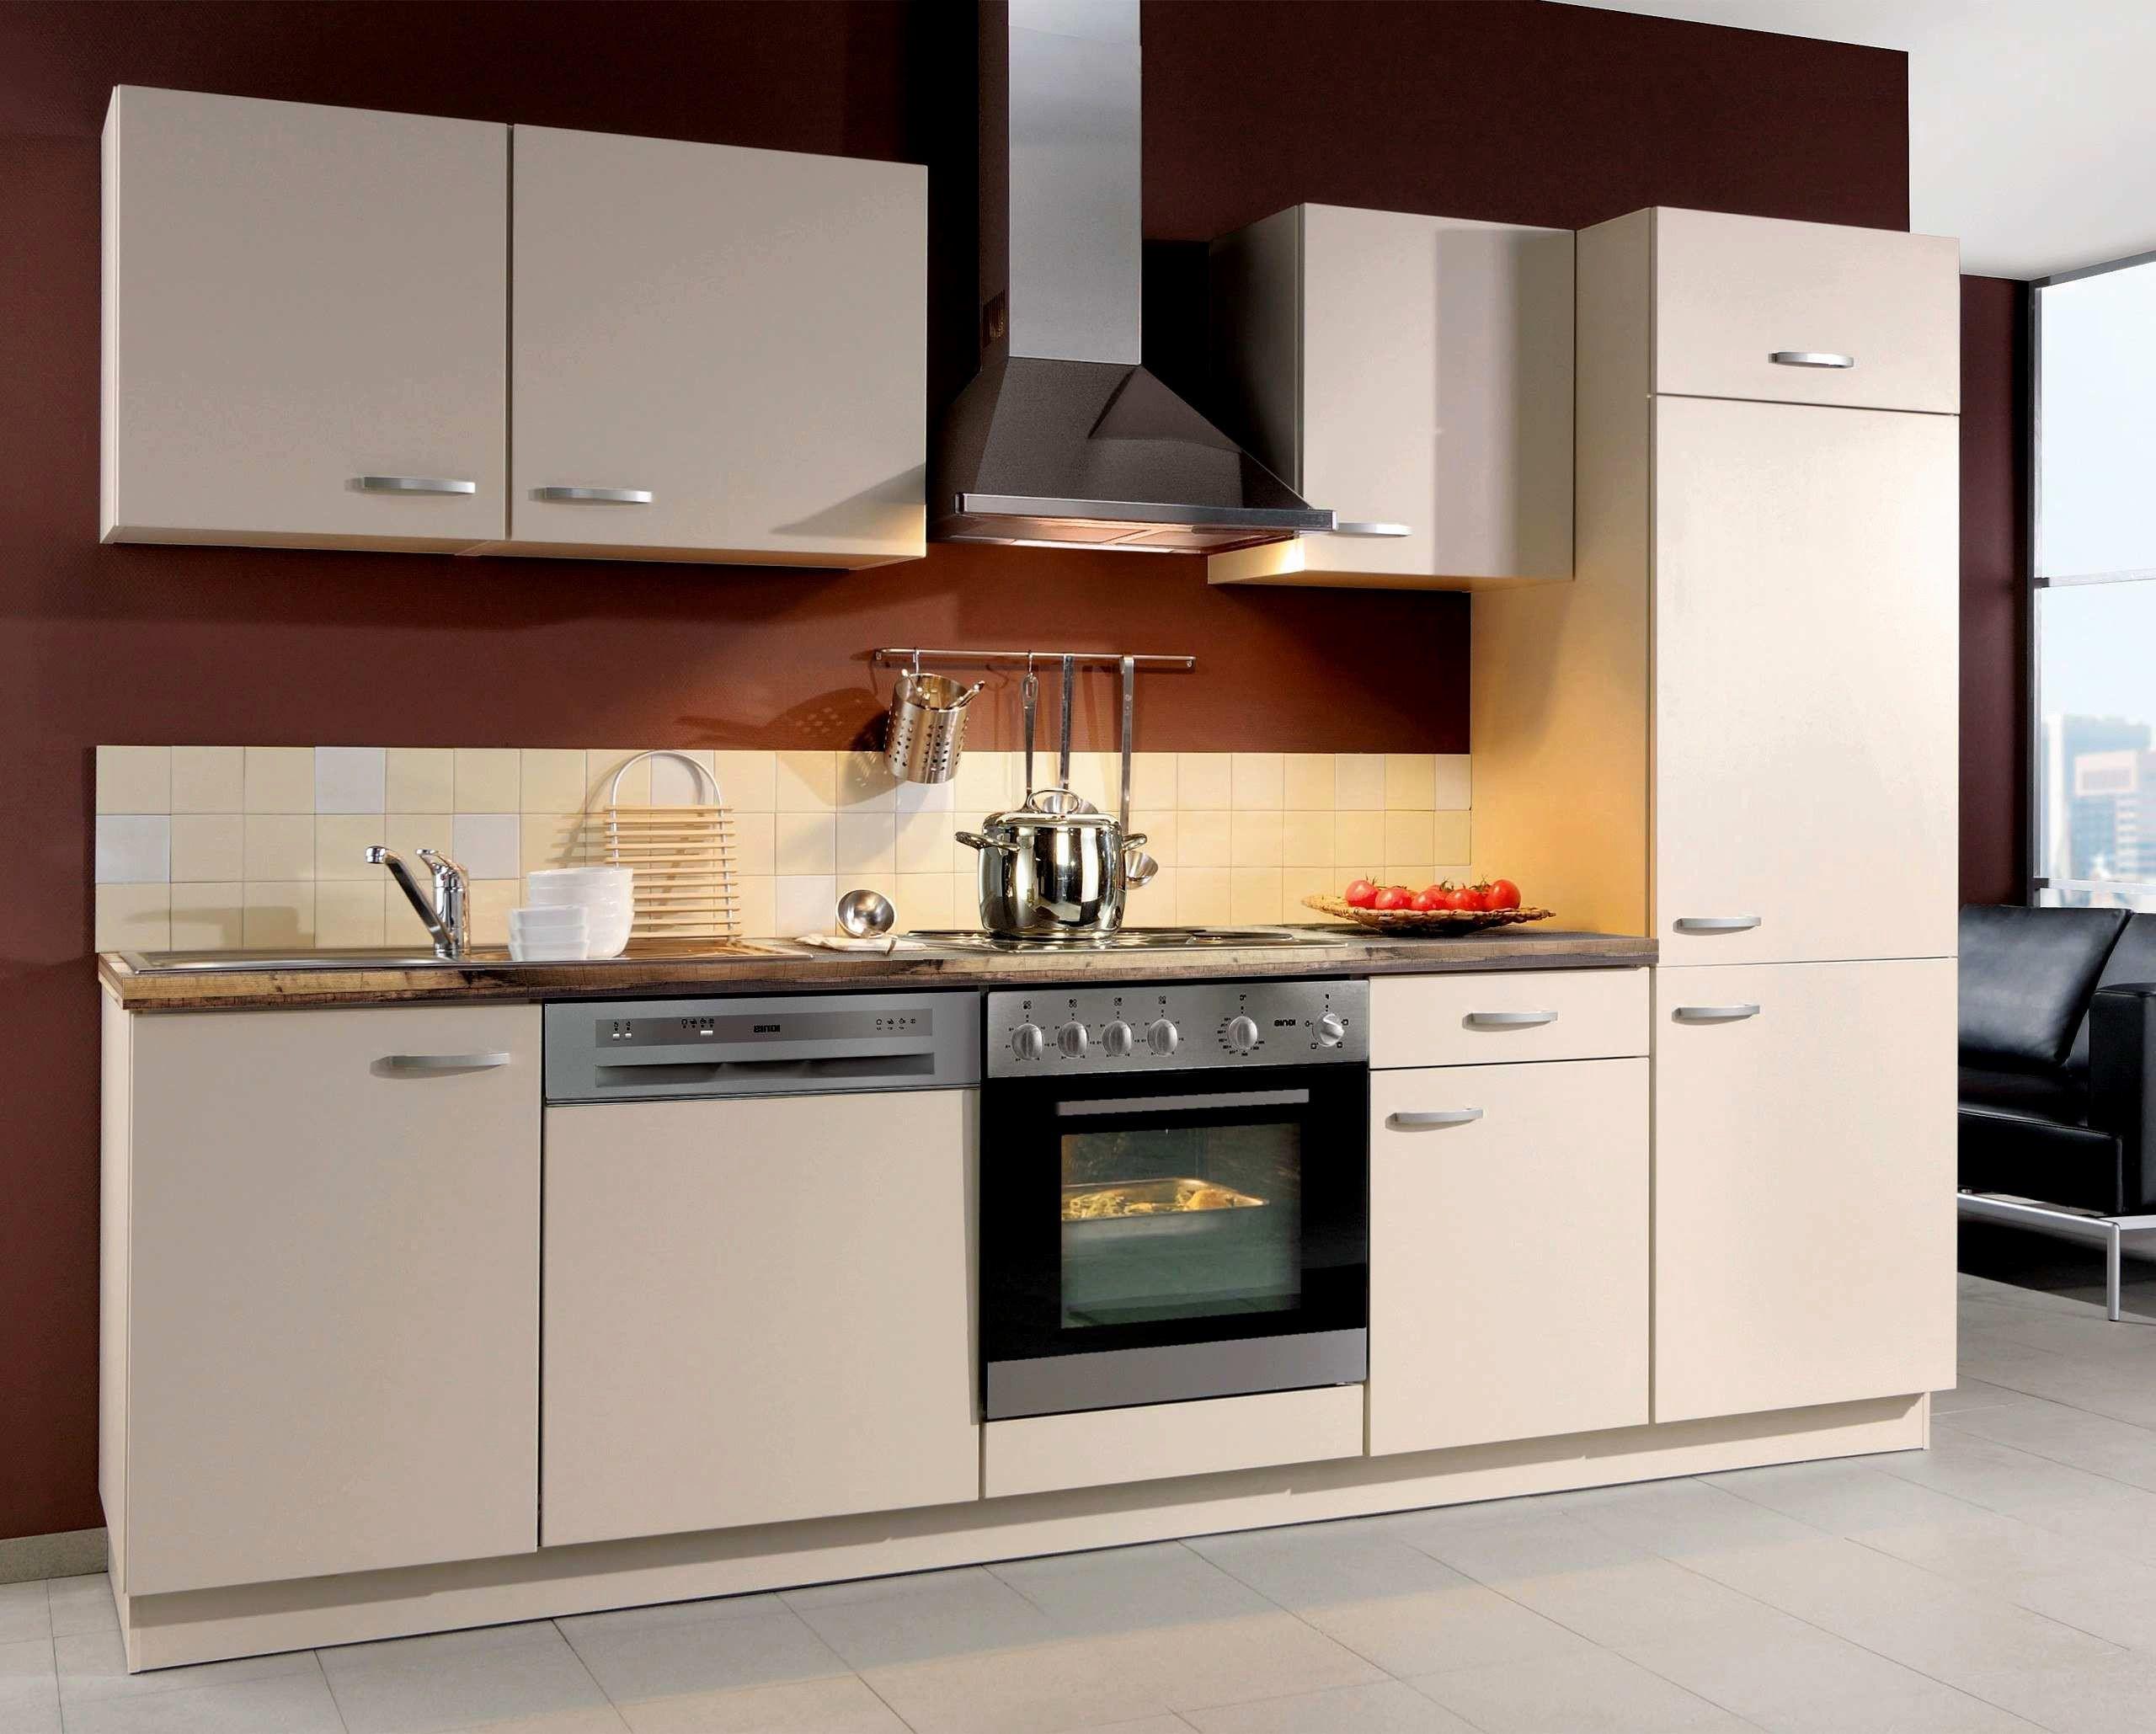 Full Size of Wie Kann Ich Meine Küche Selber Planen Küche Selber Planen Und Bauen Küche Selber Planen Und Zeichnen Küche Selber Planen Kostenlos Küche Küche Selber Planen